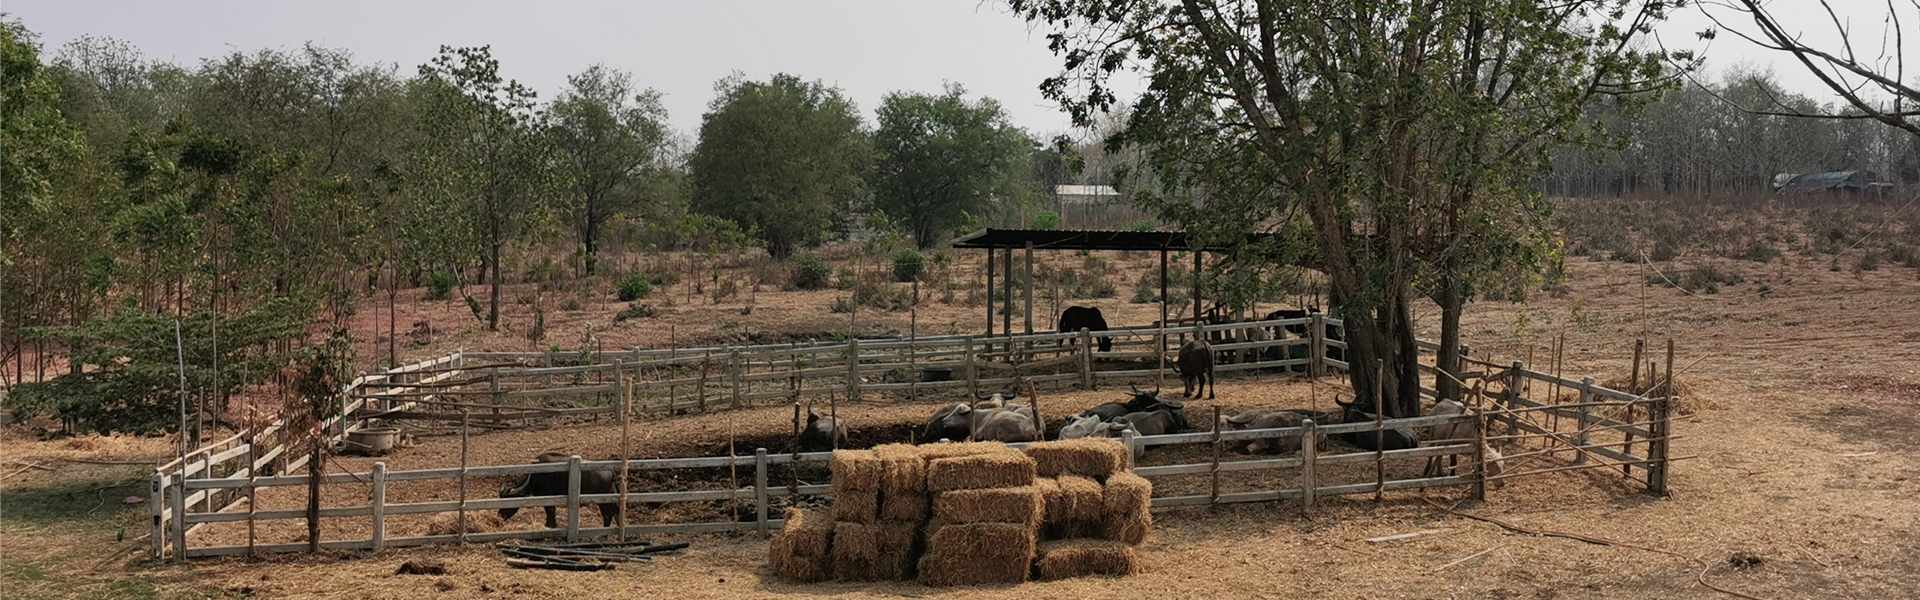 La ferme familiale de Tarn où sont cultivées les plantes utilisées dans les produits Cher-aim.